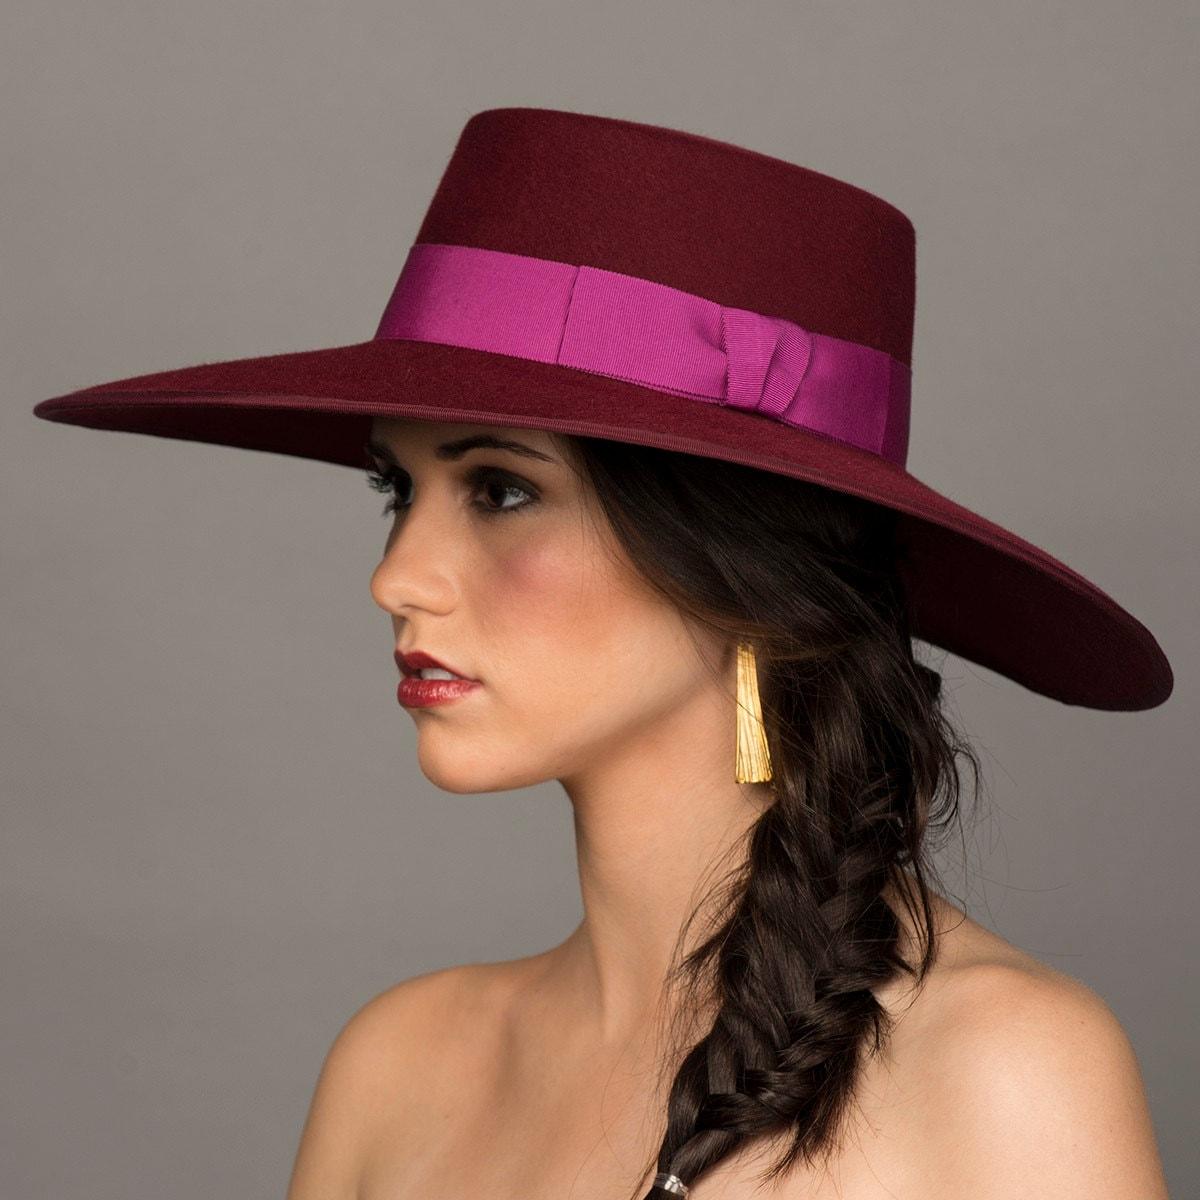 8827ddda2d1 Bolero Hat. Felt Gaucho Hat. Burgundy Fur Felt. Wide Brim Felt